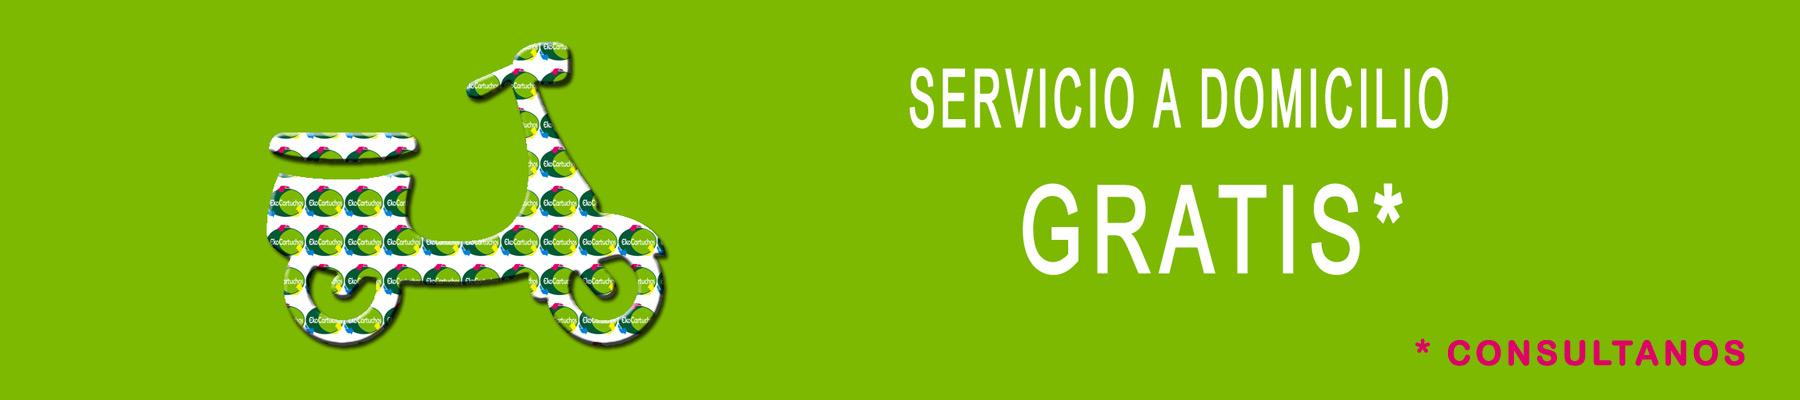 6_servicio-a-domicilio